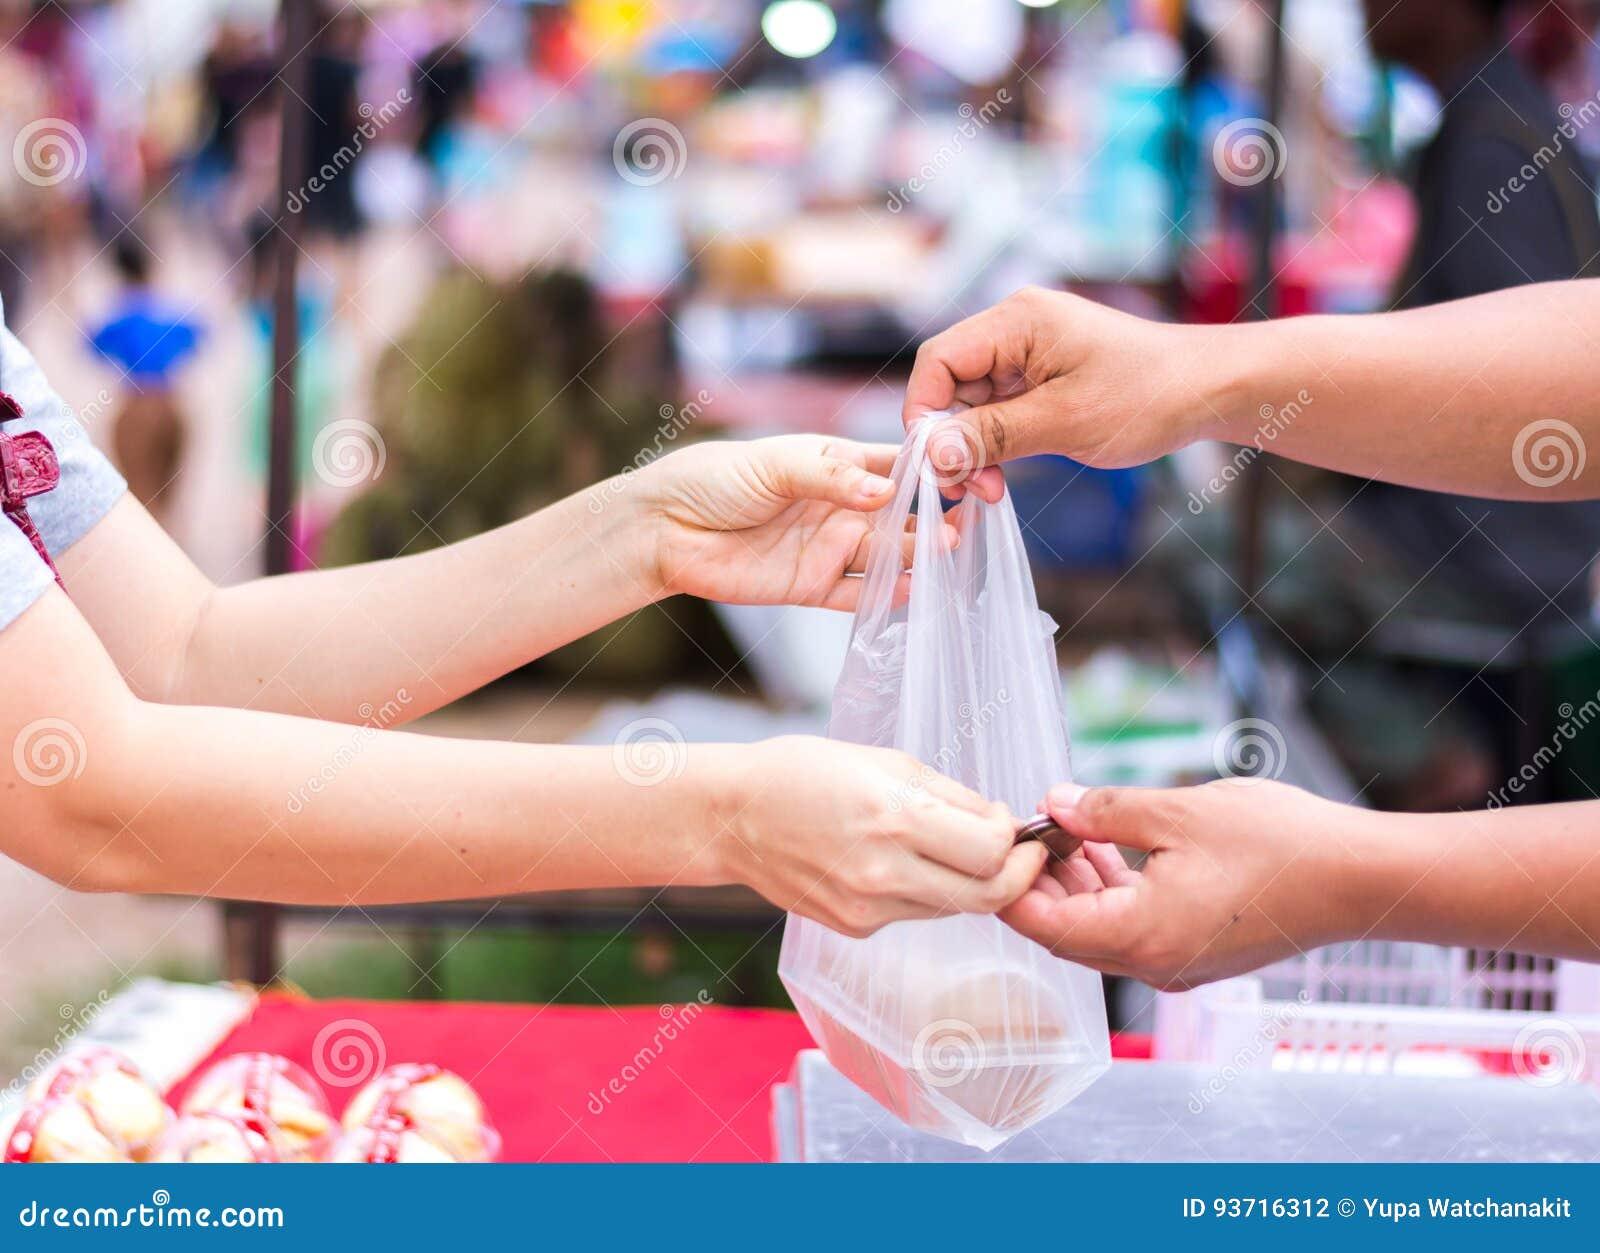 Klient płaci rachunek gotówką przy rynkiem